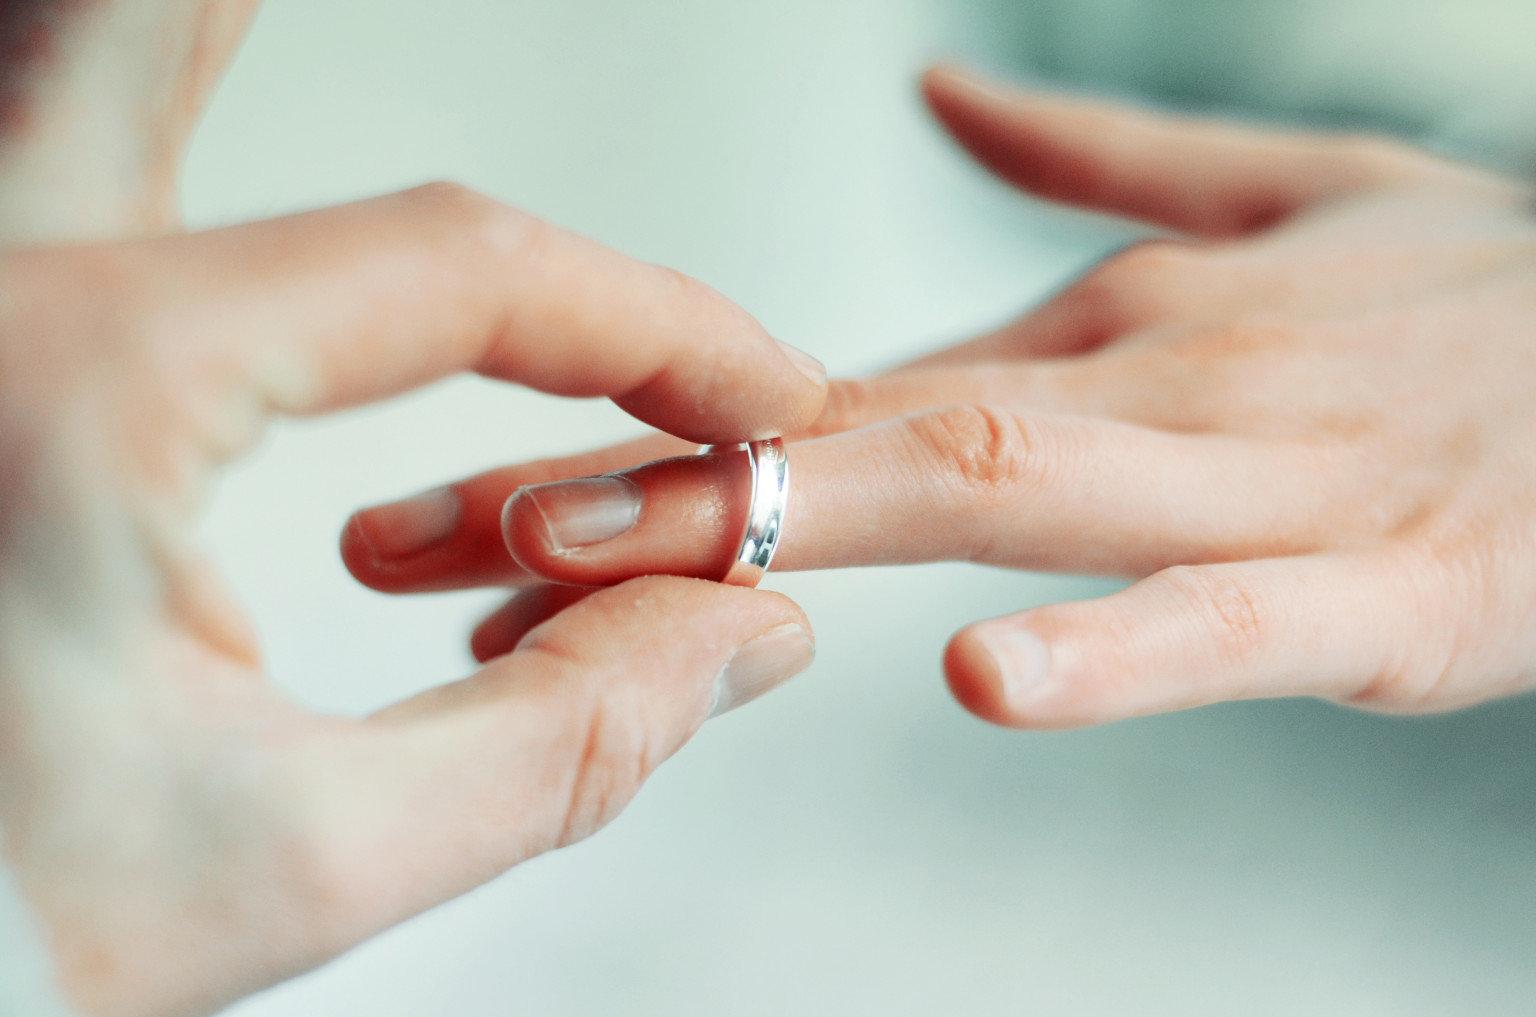 Ruyada Evli Birinin Nisanlandigini Gormek Ruyalar Dunyasi